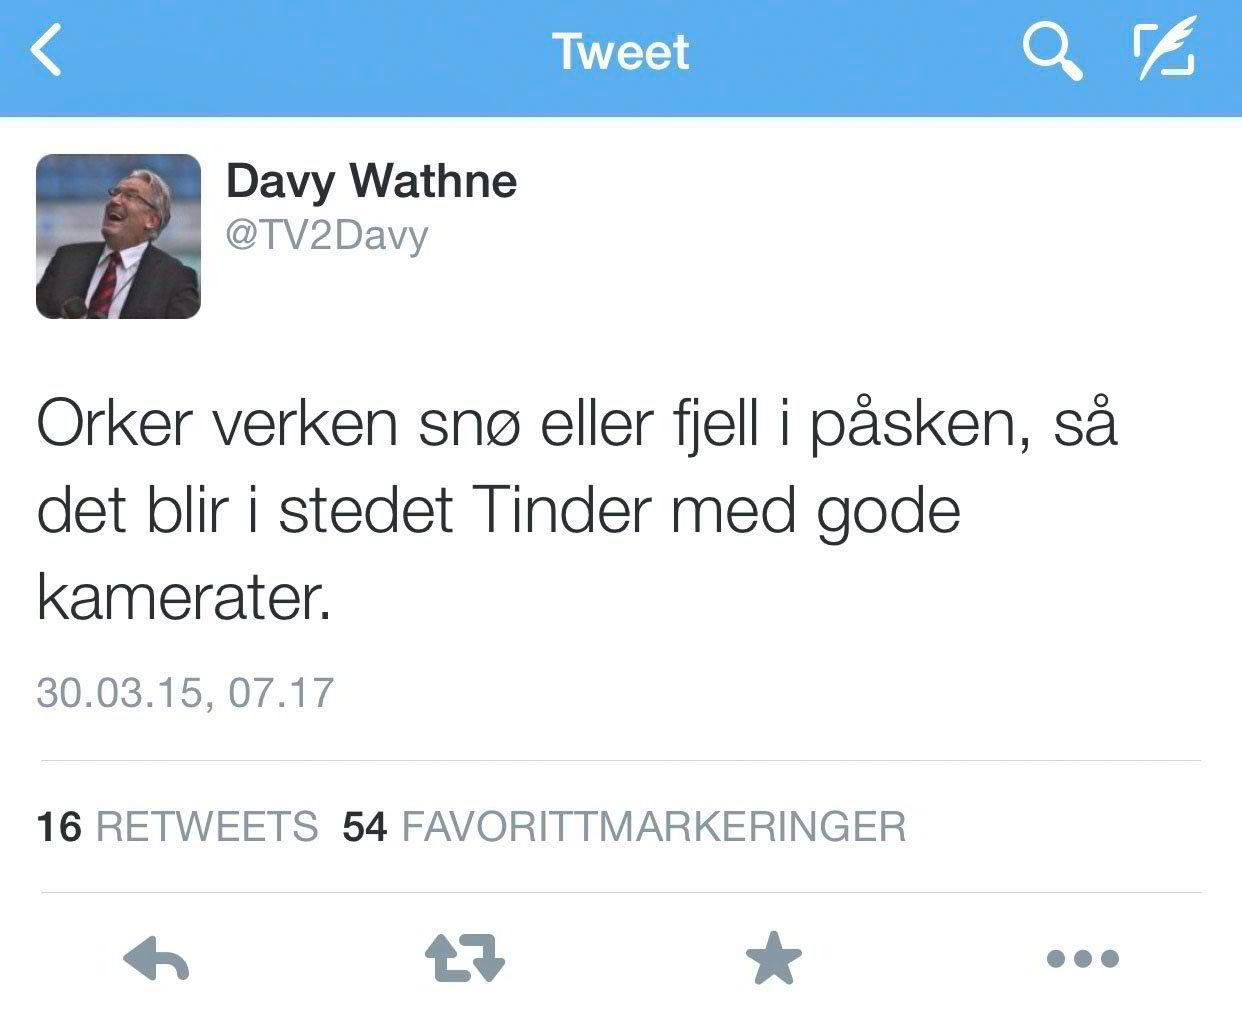 Velger dating-app over hytteliv. Kilde: Davy Wathnes Twitter-profil